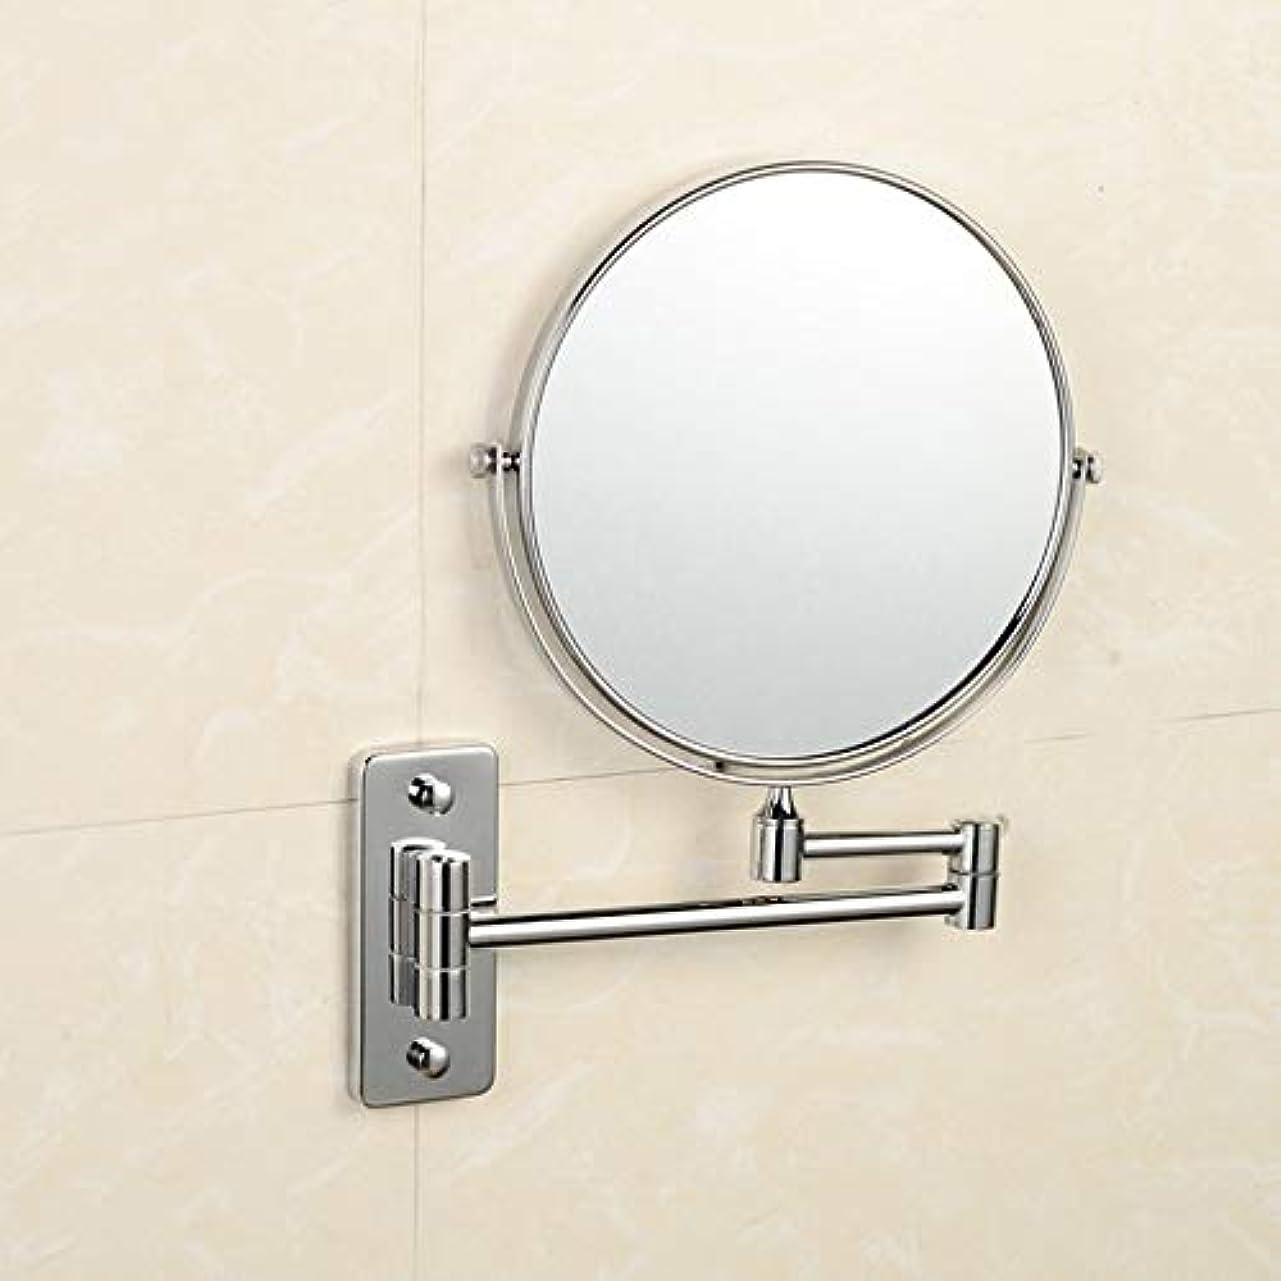 ディレイ切り下げ鎮痛剤流行の 銅浴室鏡折りたたみ伸縮性格人格美人表裏面360度回転壁掛け虫眼鏡ミラーシルバーホームビューティーミラー浴室